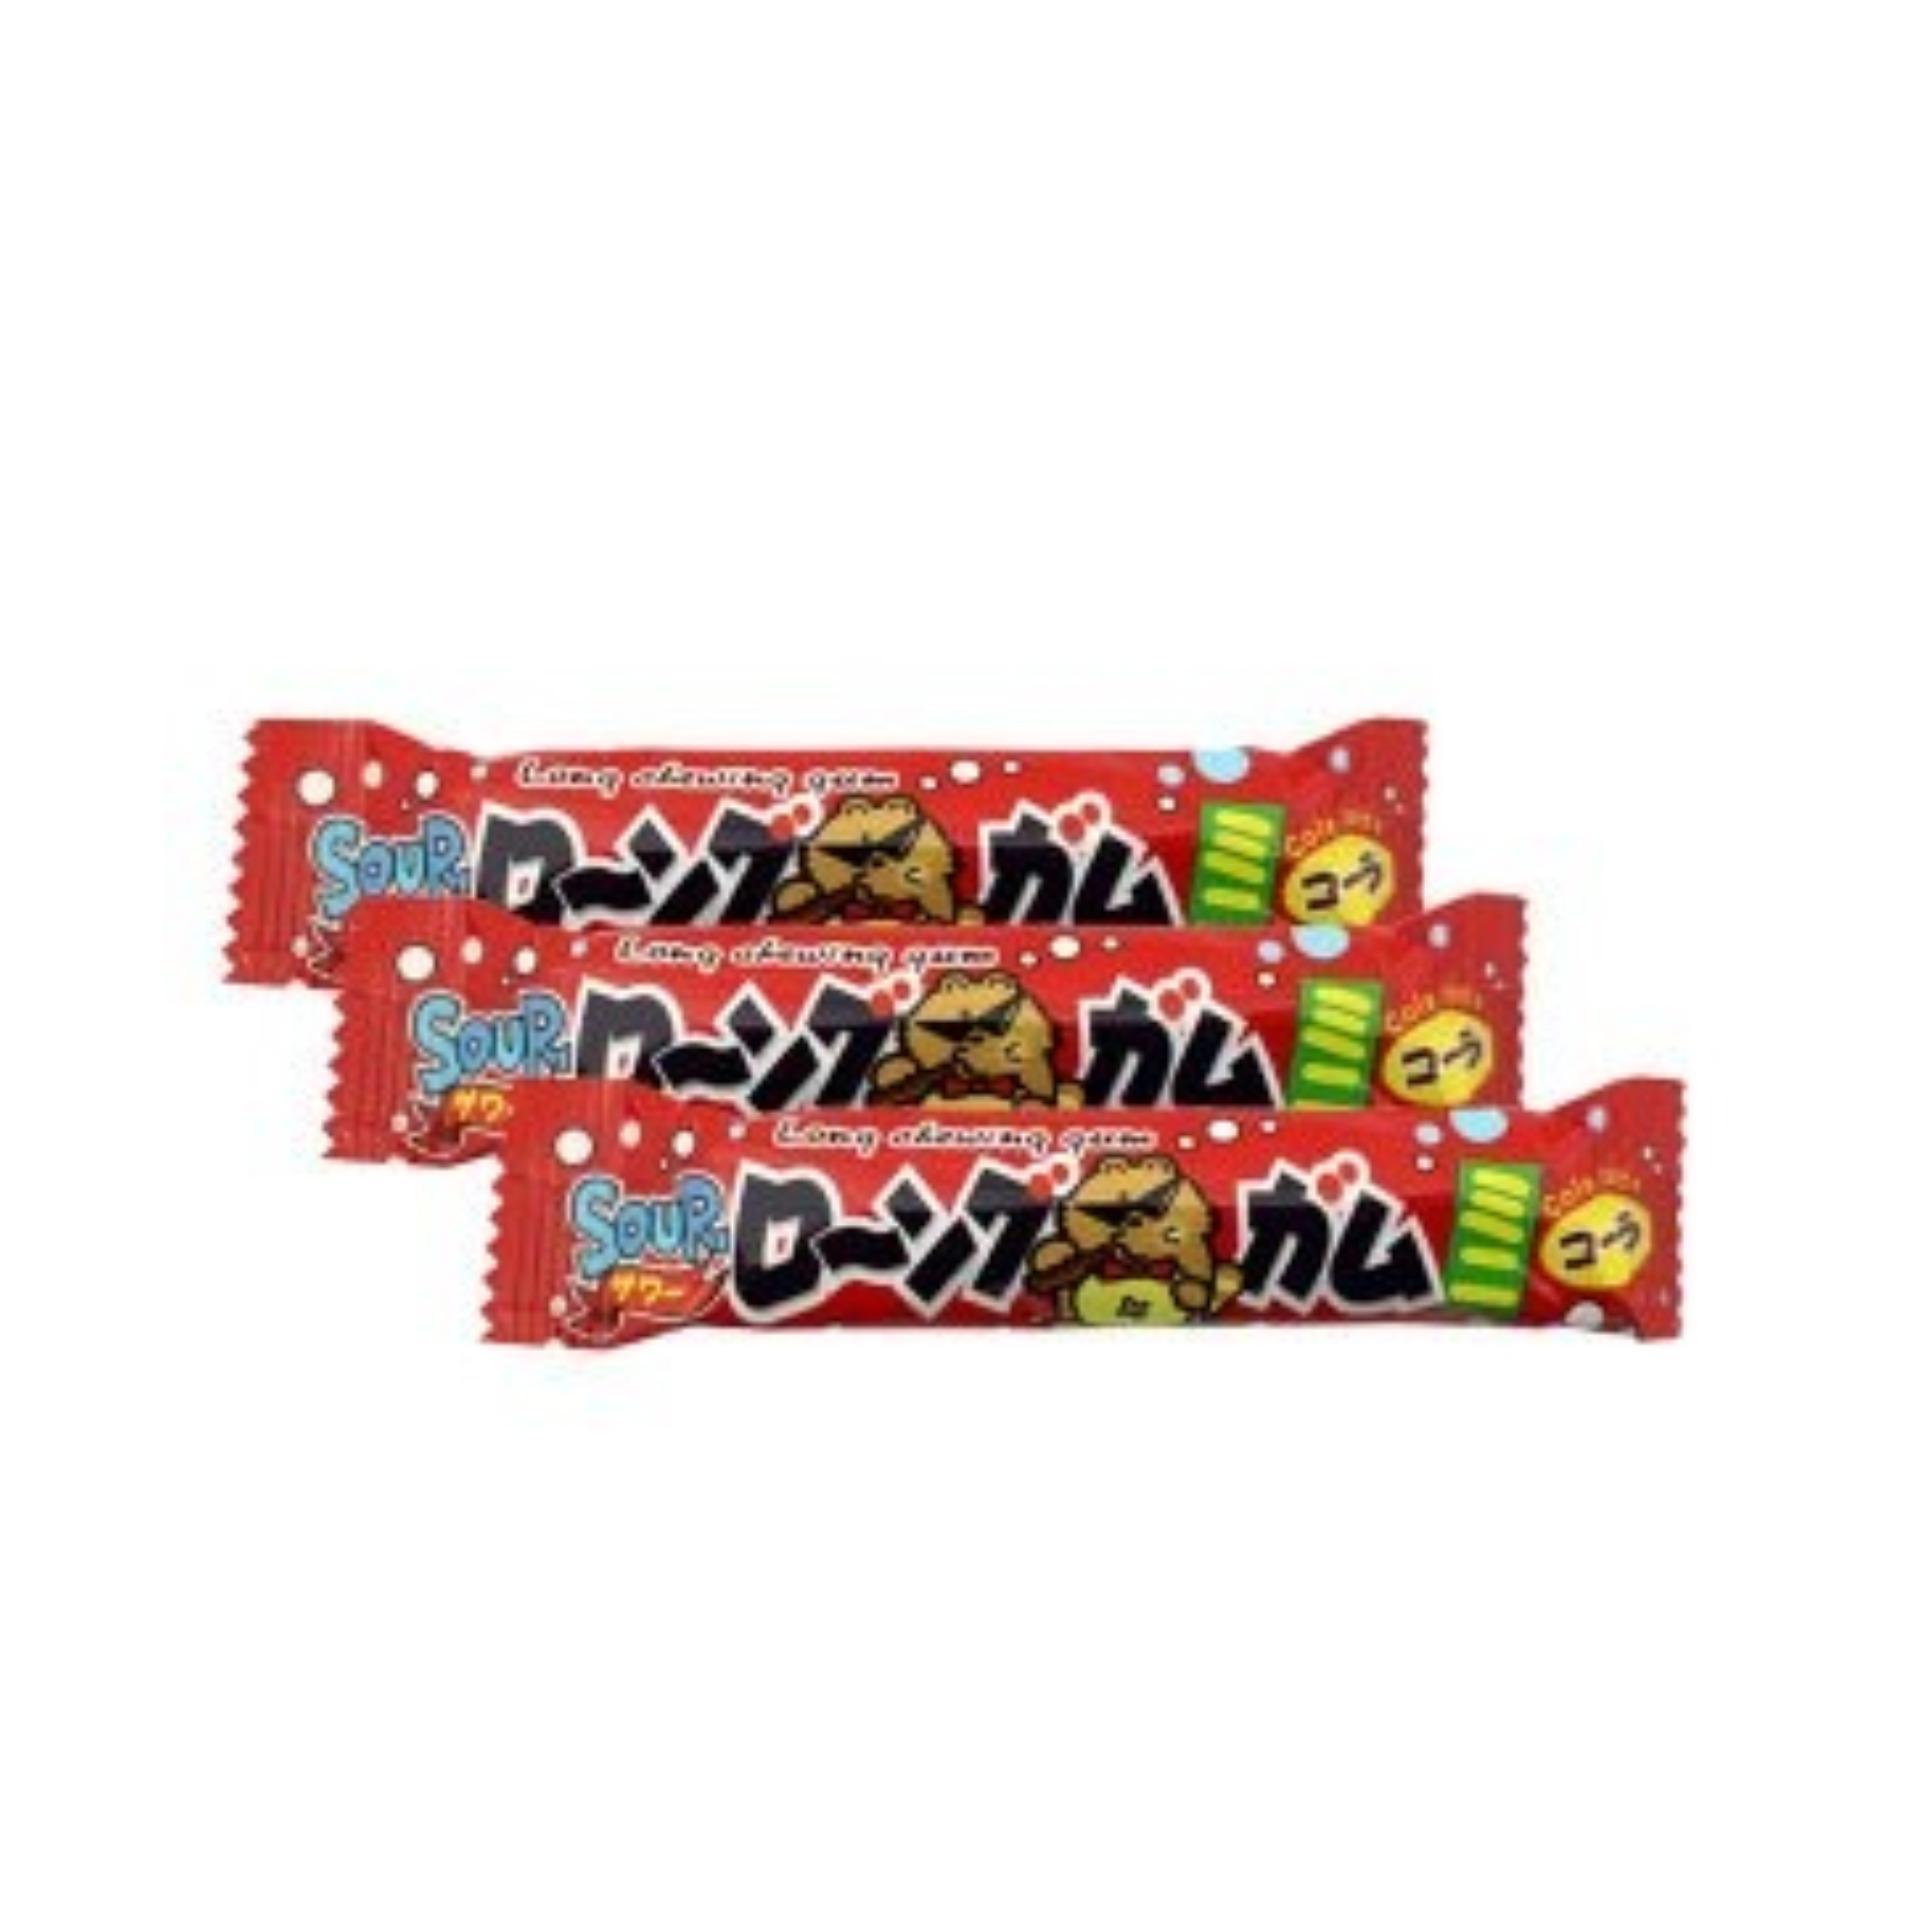 Singum dài vị Cola chua (3 viên)